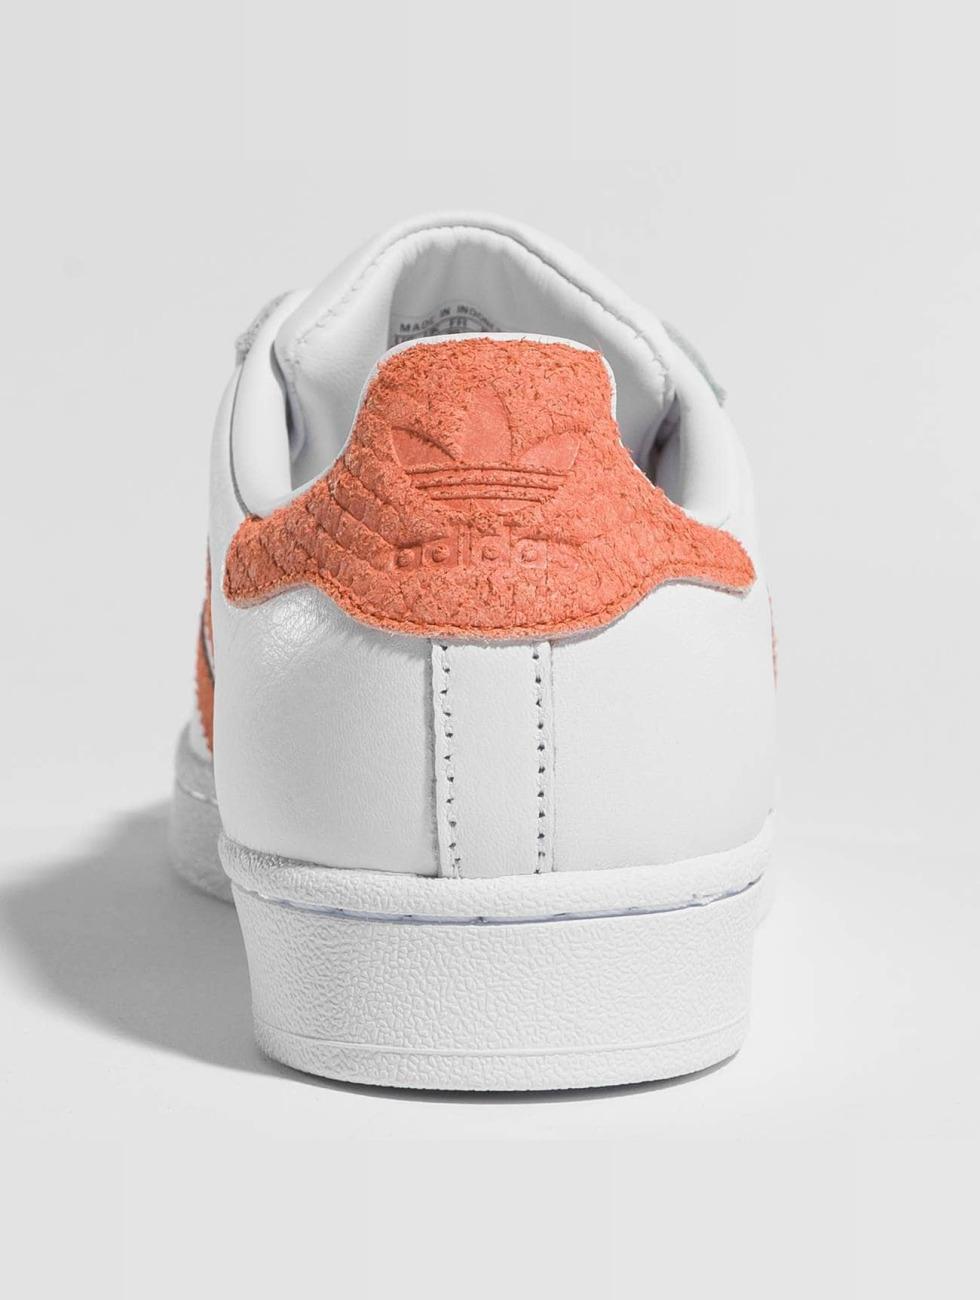 Zeer Goedkope Prijs adidas originals schoen / sneaker Superstar in wit 437352 Beste Goedkope Prijs Kosten Te Koop UhJHYqZ